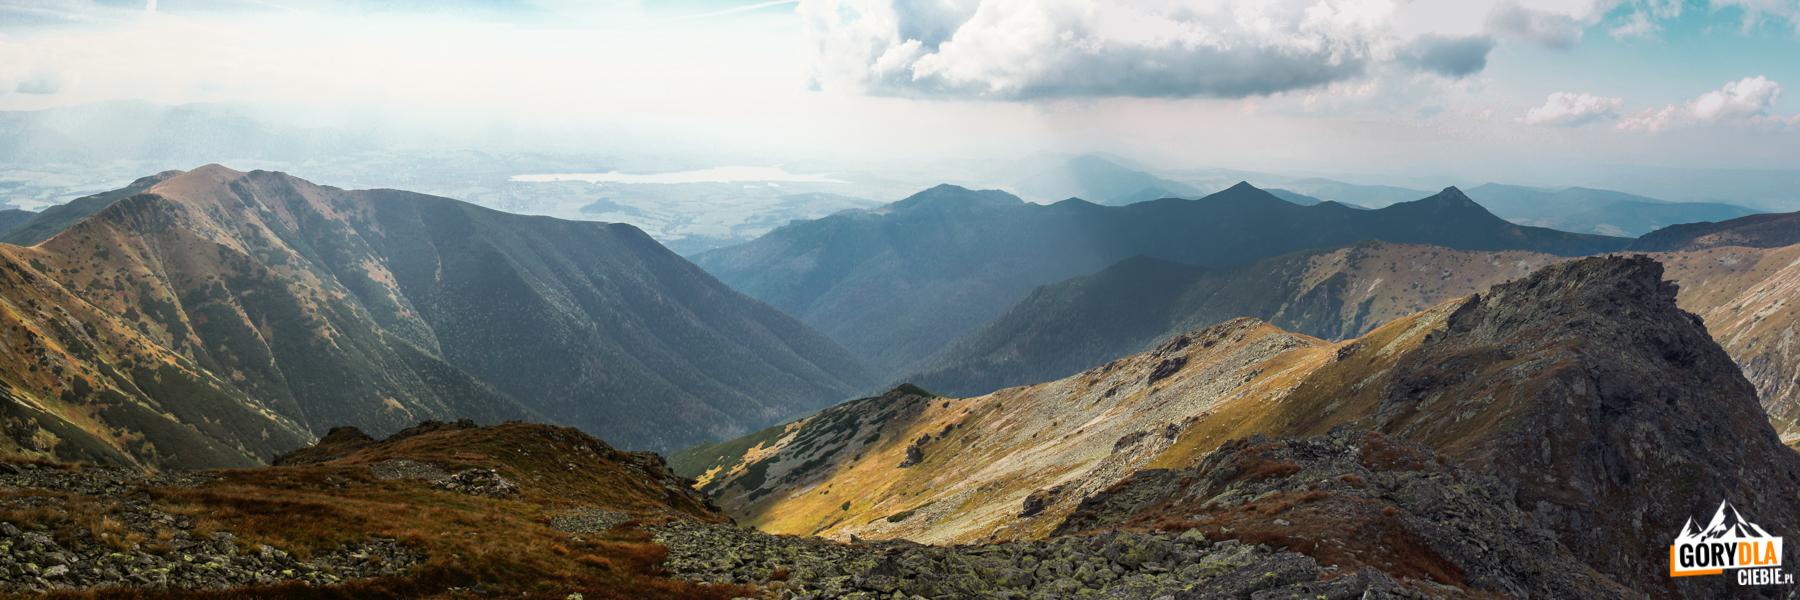 Widok zeszczytu Pahoła (2167 m) naDolinę Parichvost